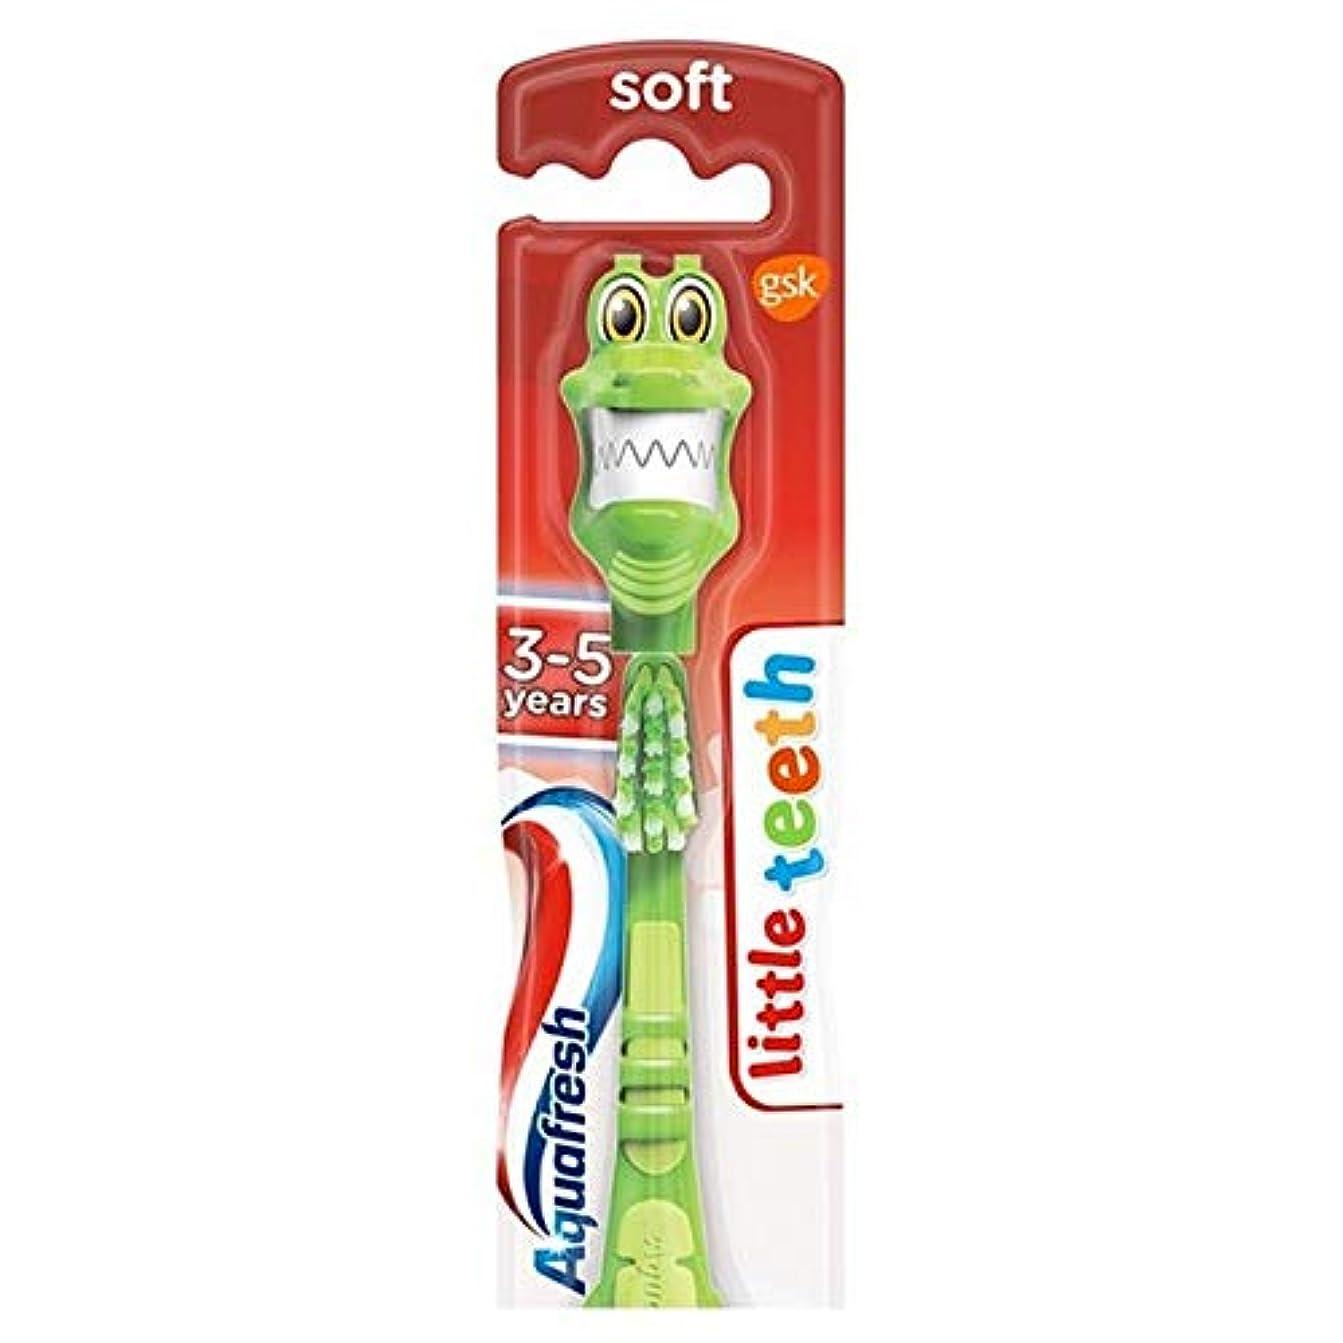 対処冗長マウス[Aquafresh ] アクアフレッシュ少し歯3~5人の子供の柔らかい歯ブラシ - Aquafresh Little Teeth 3-5 Years Kids Soft Toothbrush [並行輸入品]